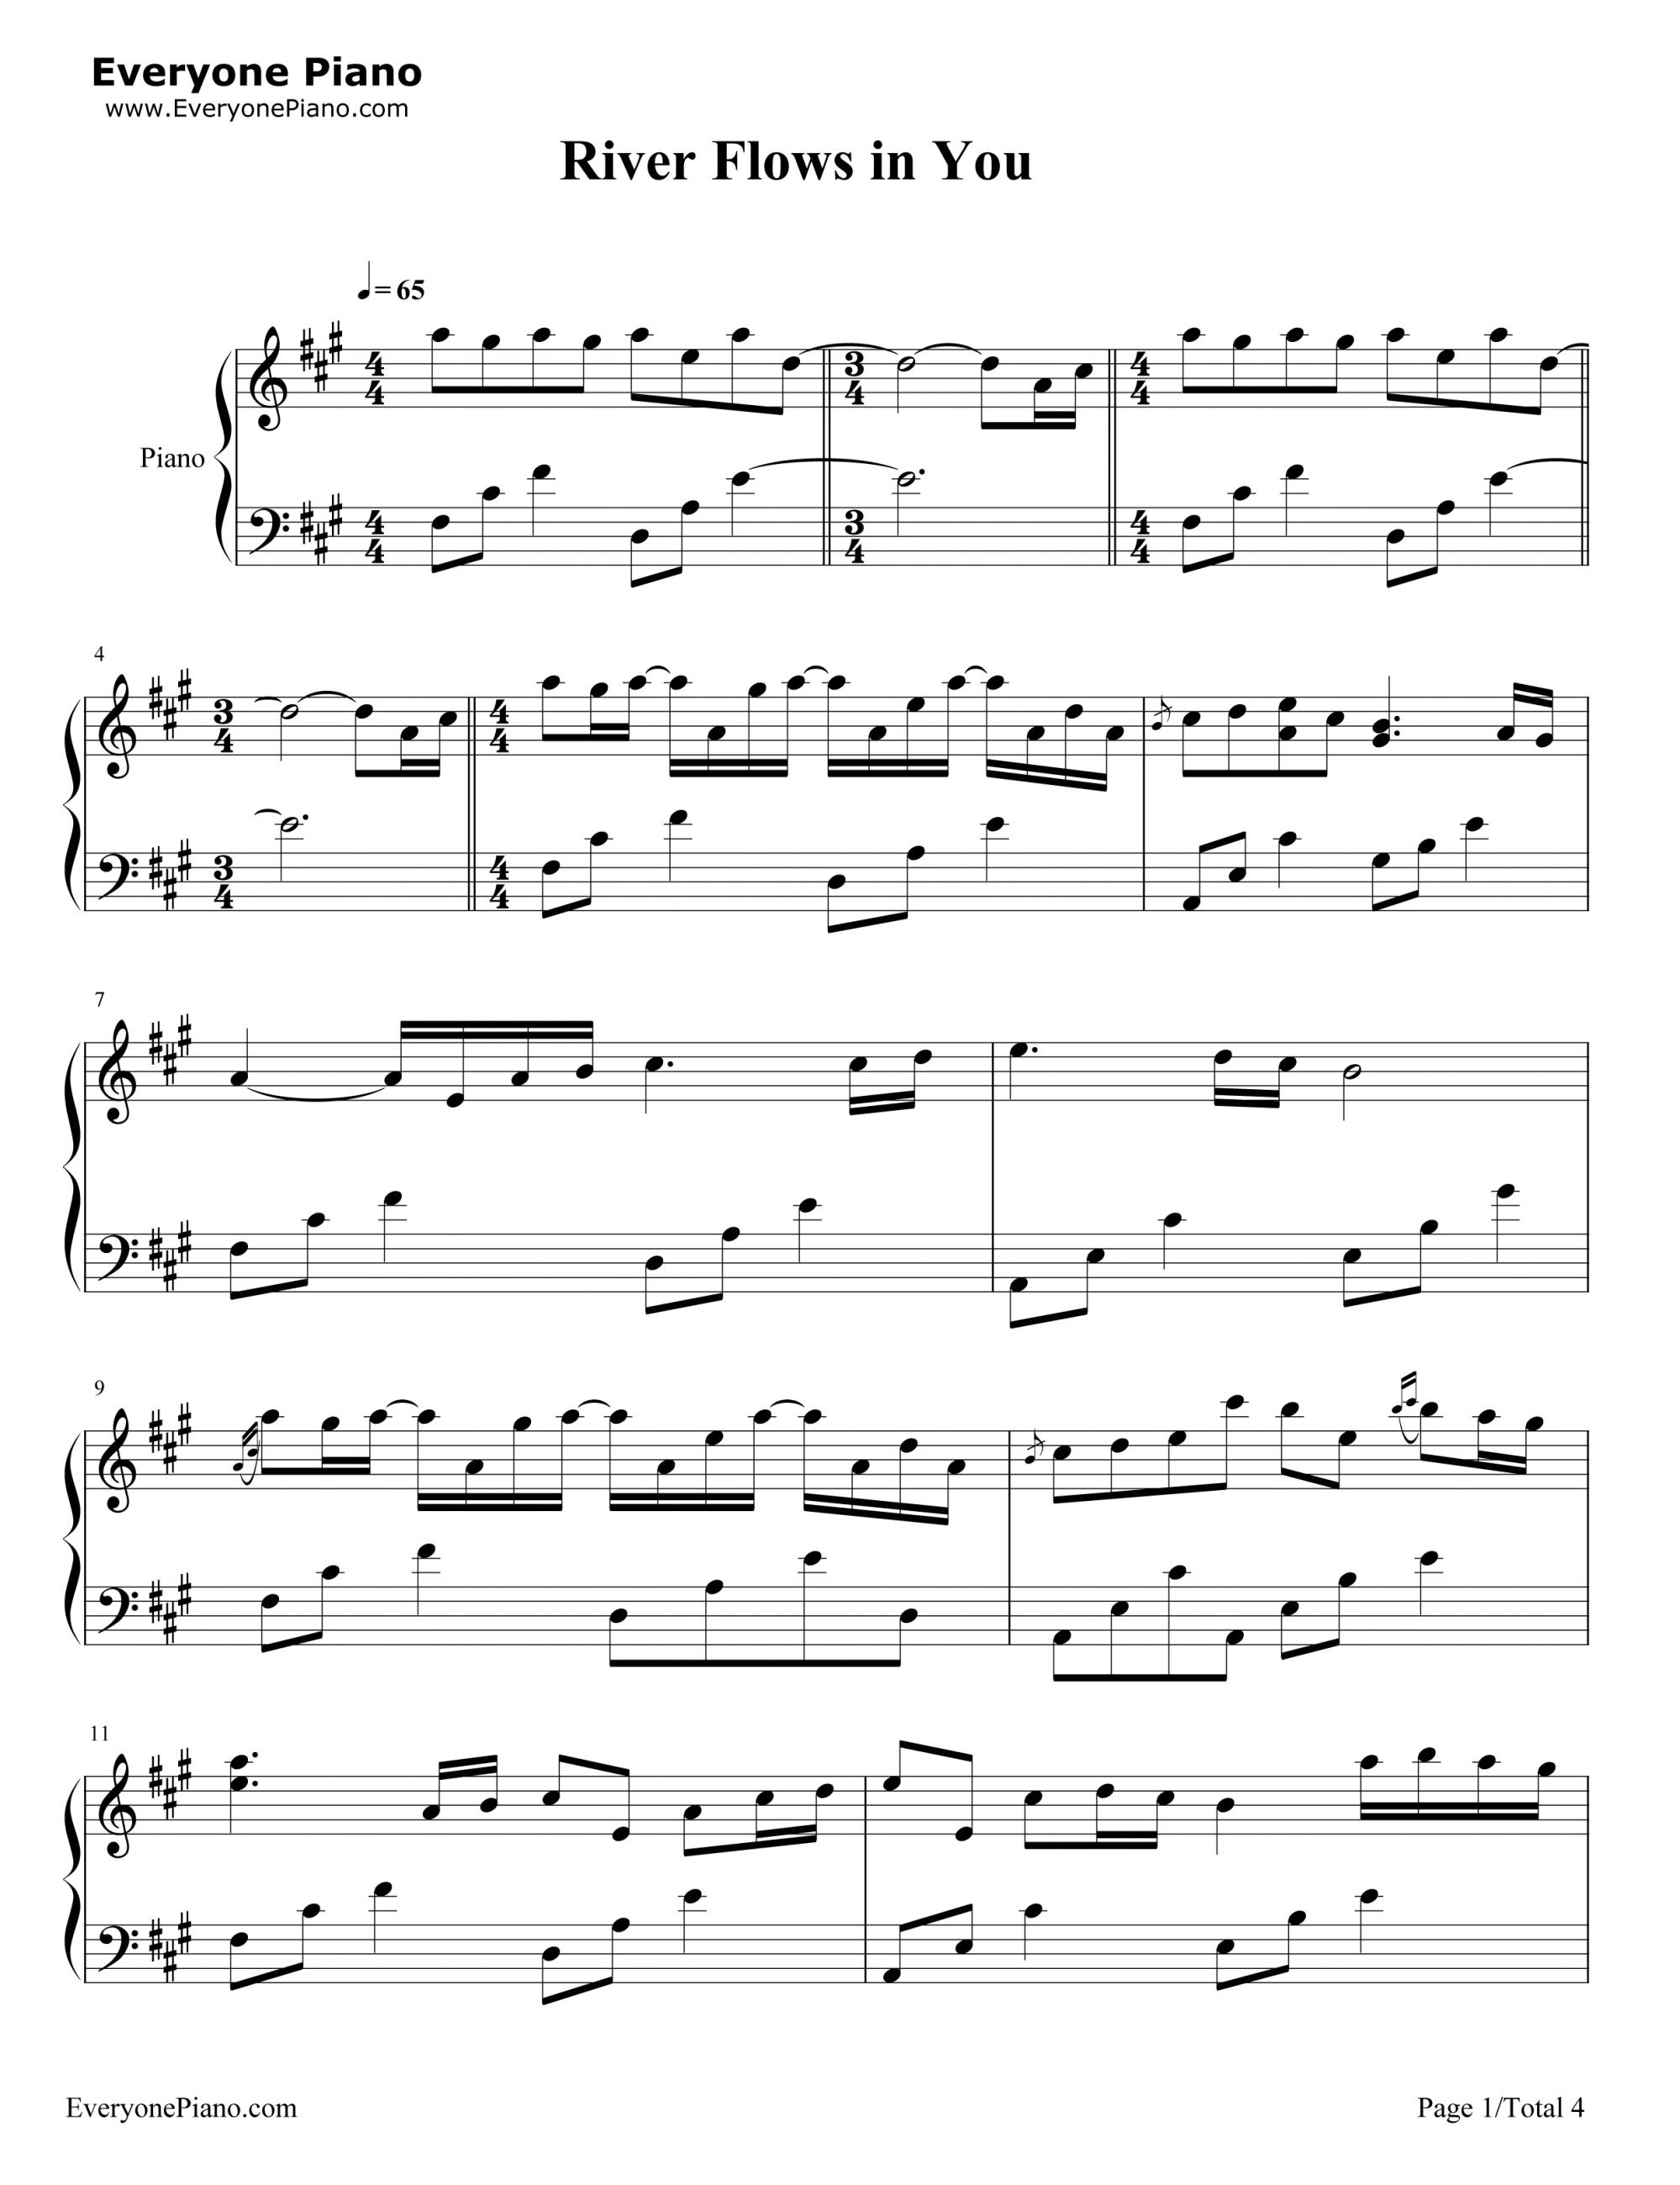 Sheet nhac river flow in you piano 01